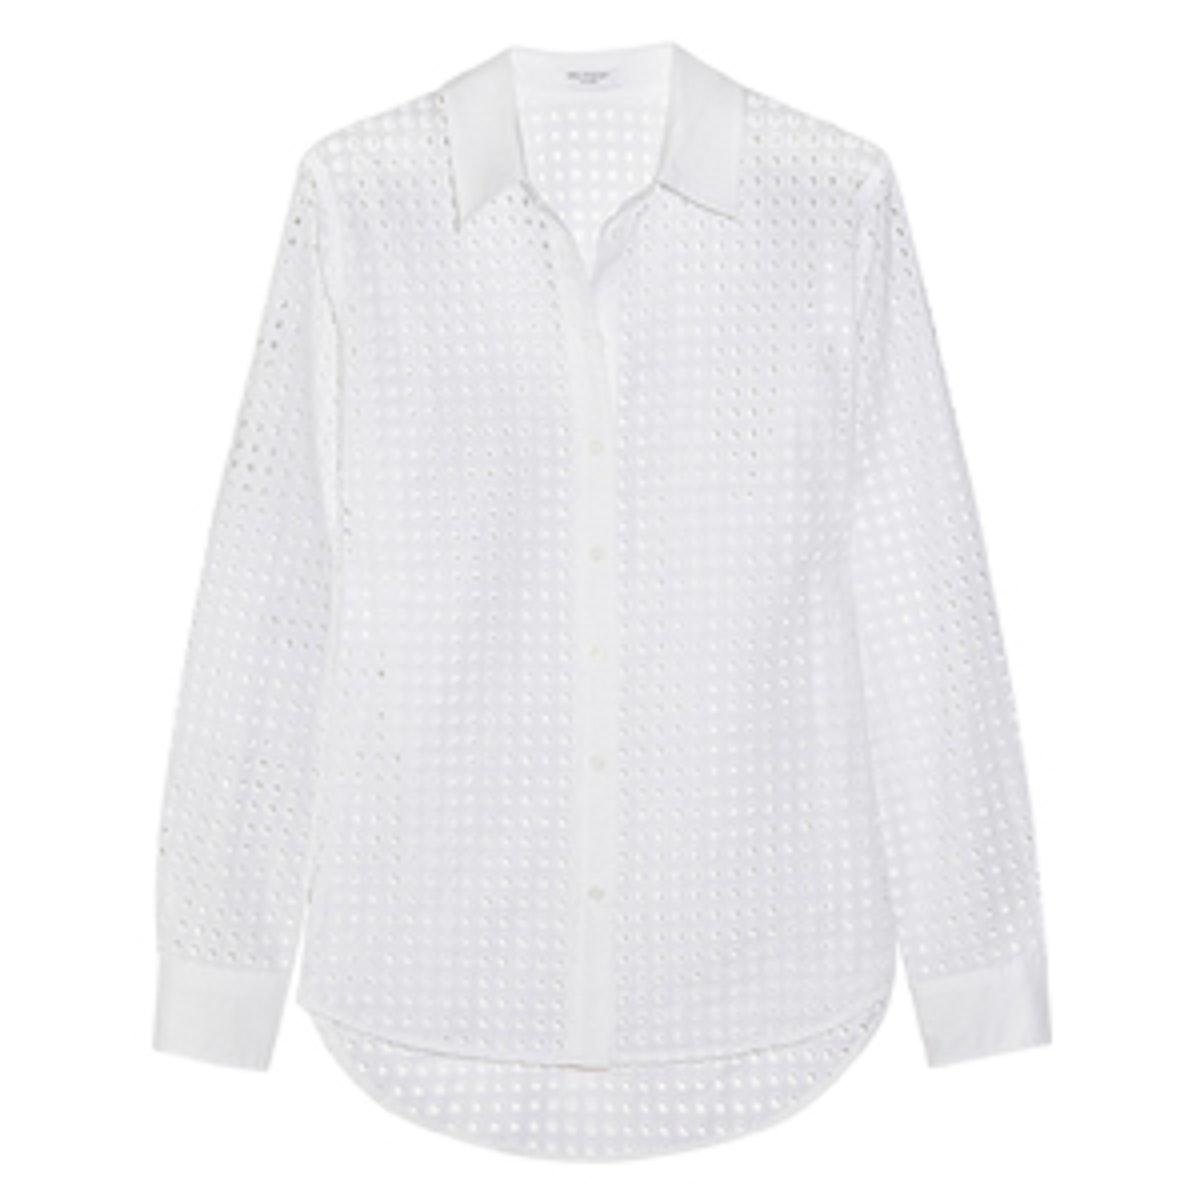 Brett Broderie Anglaise Cotton Shirt